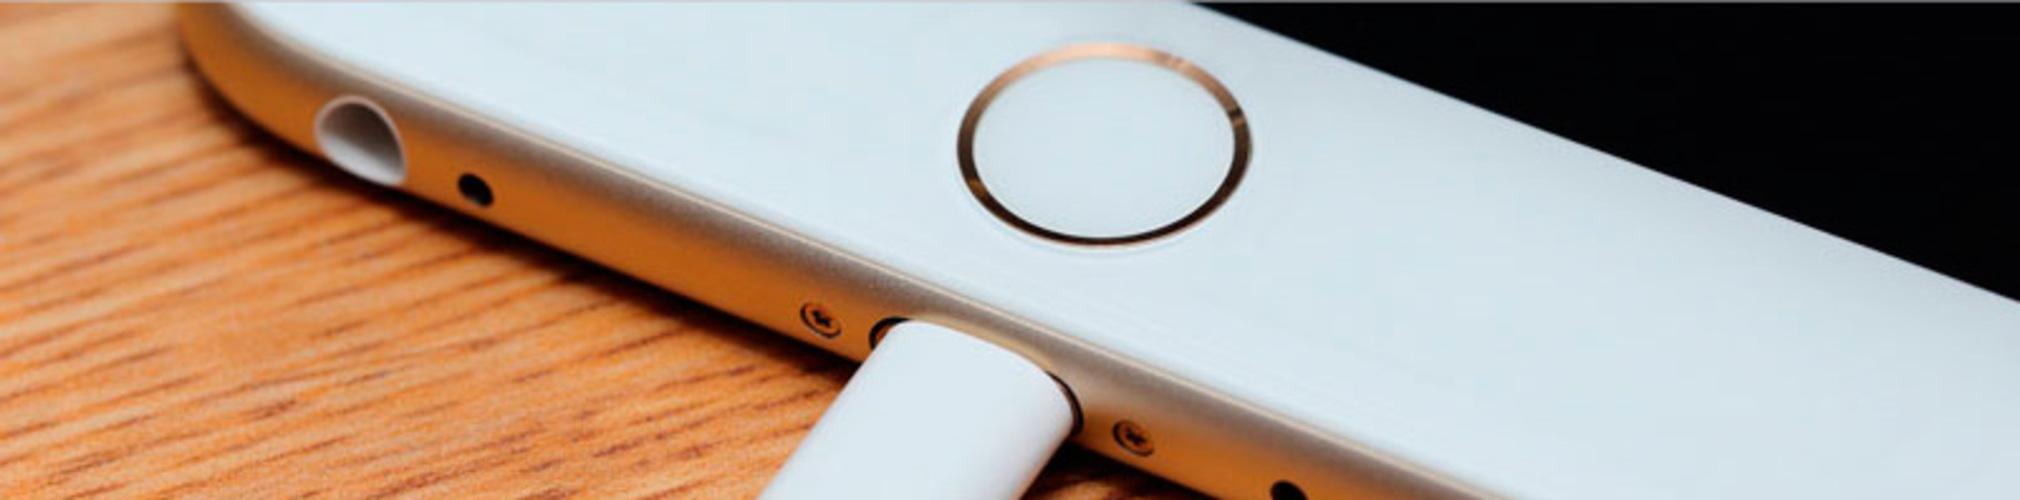 Что делать, если iPhone 6 не включается?